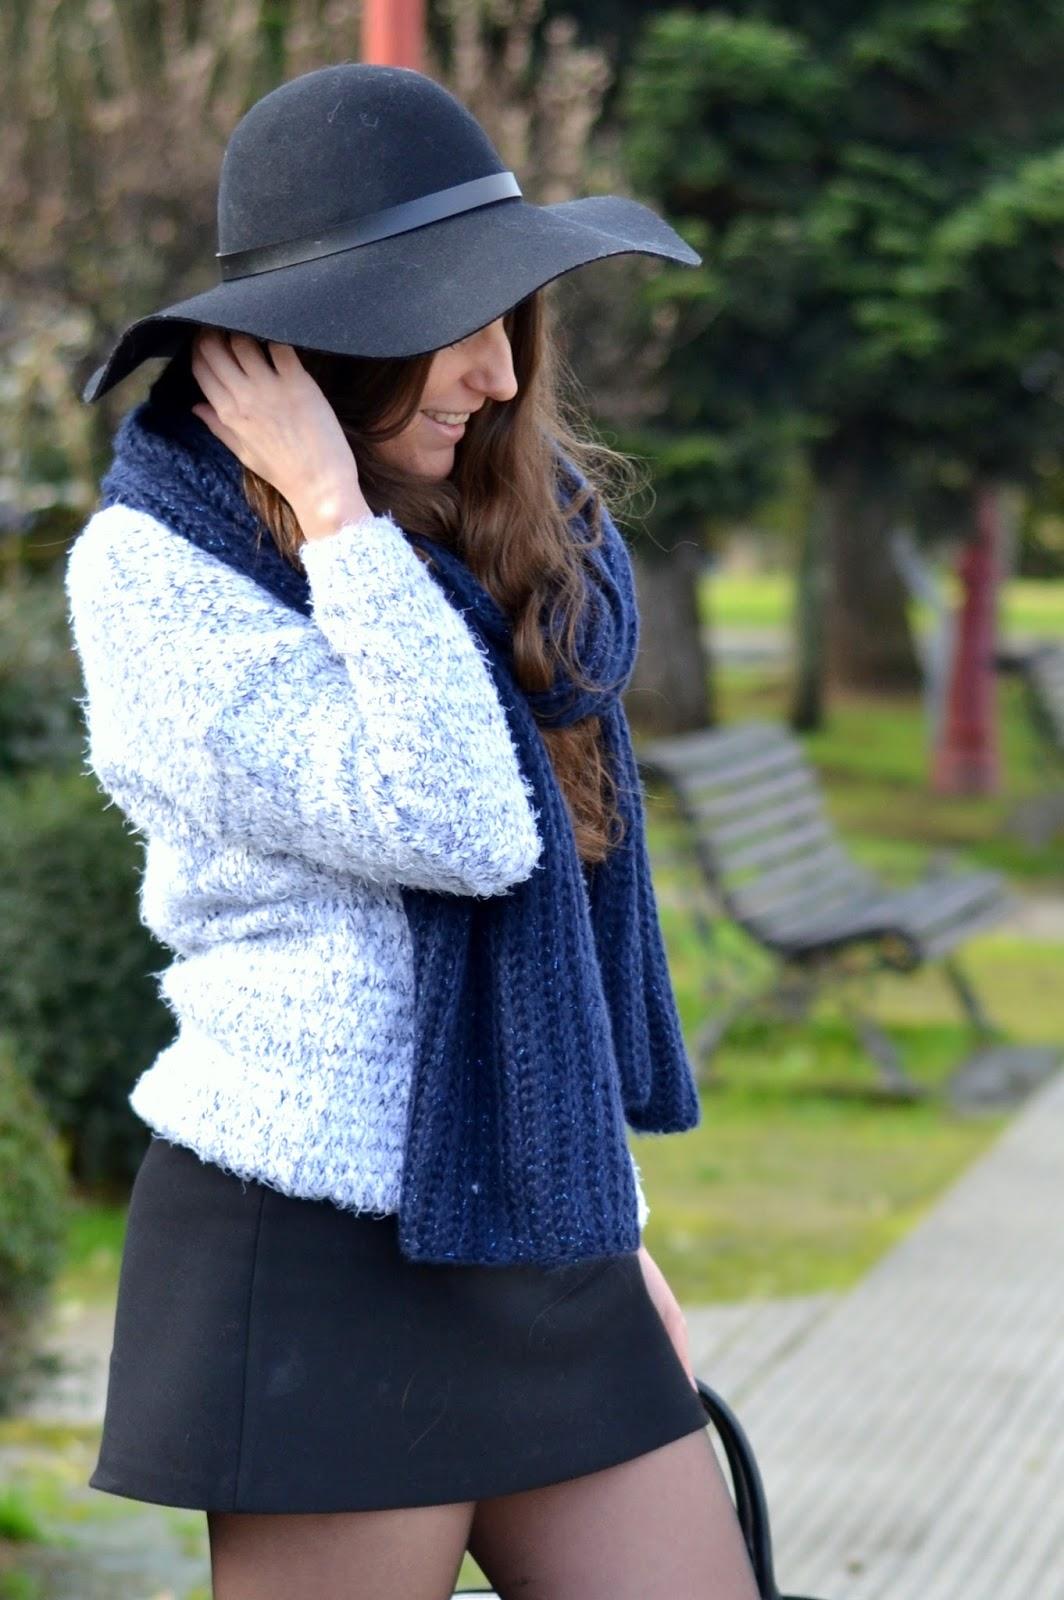 H&M black hat